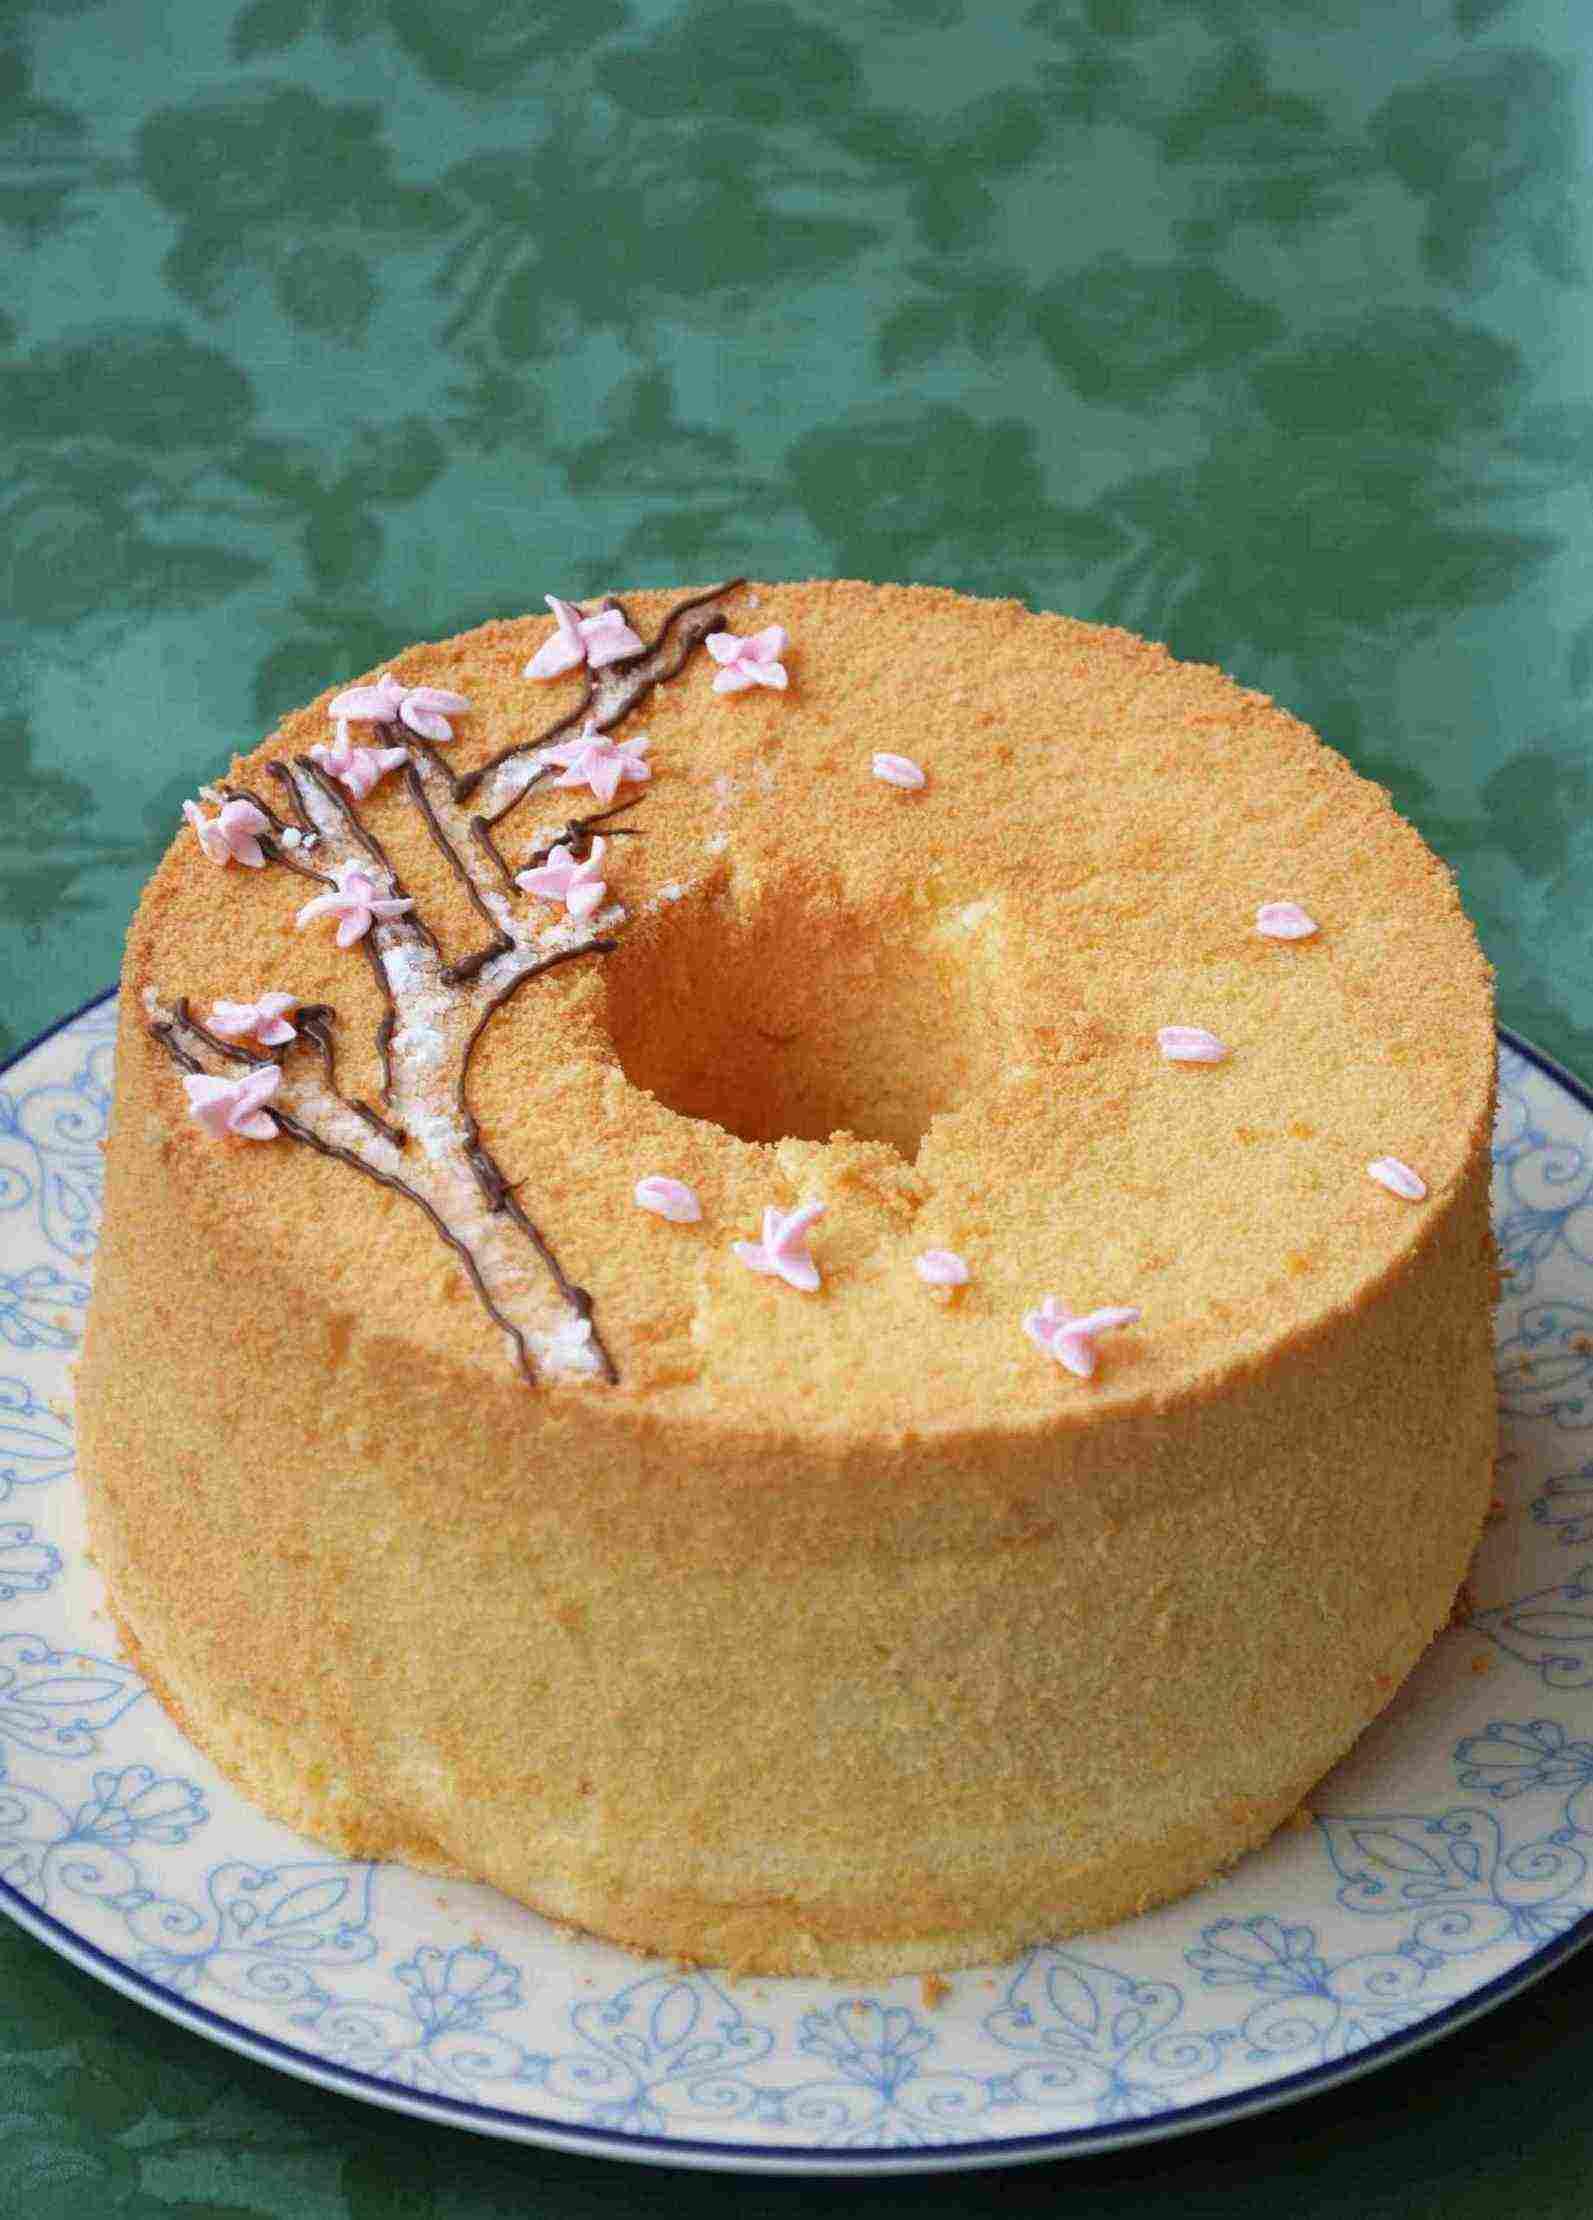 简单装饰的戚风蛋糕